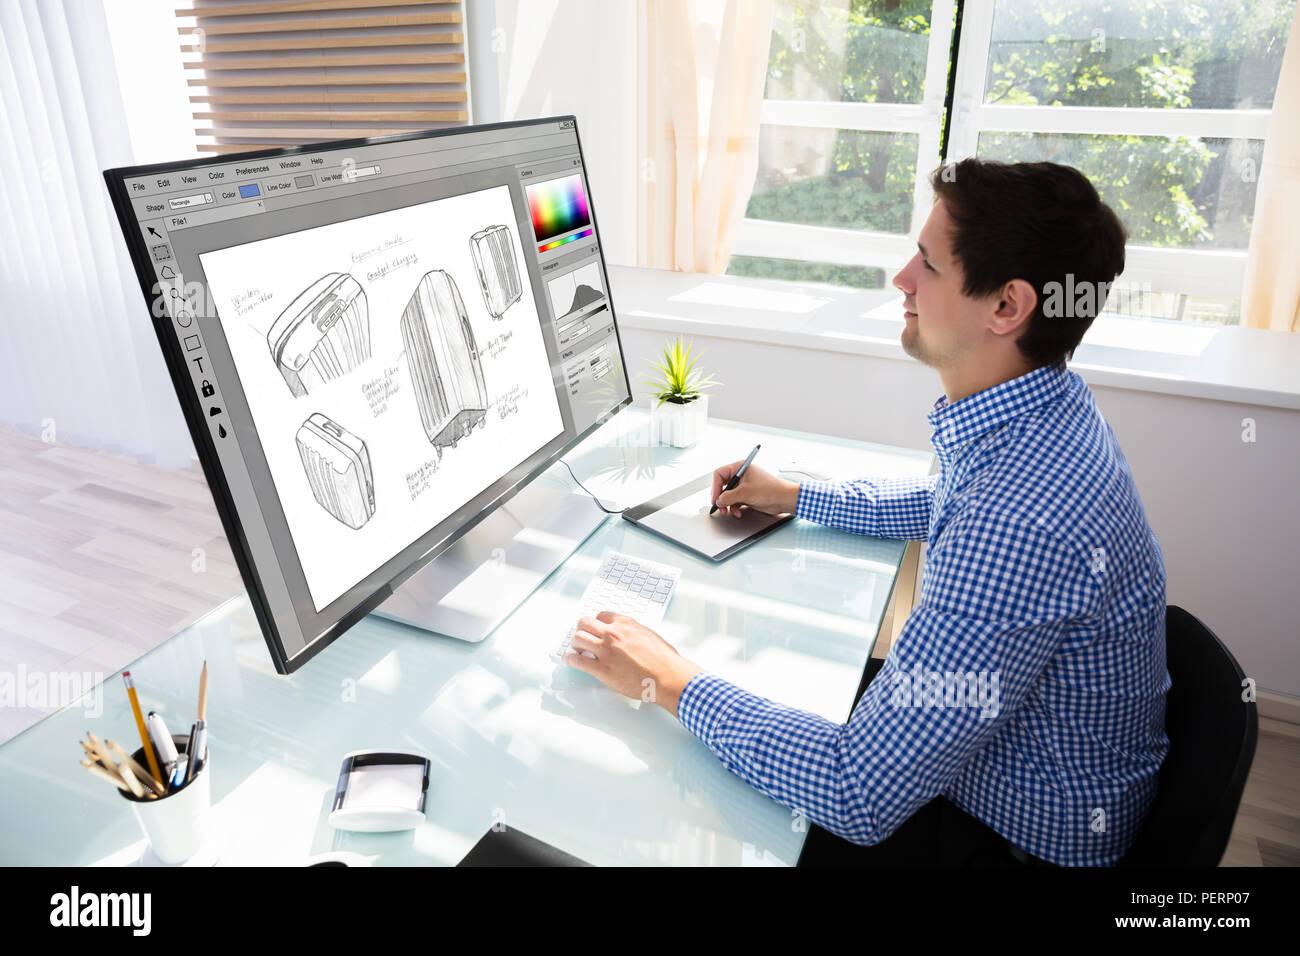 Vue latérale d'un jeune designer Dimensions valise sur ordinateur à l'aide de tablette graphique Photo Stock